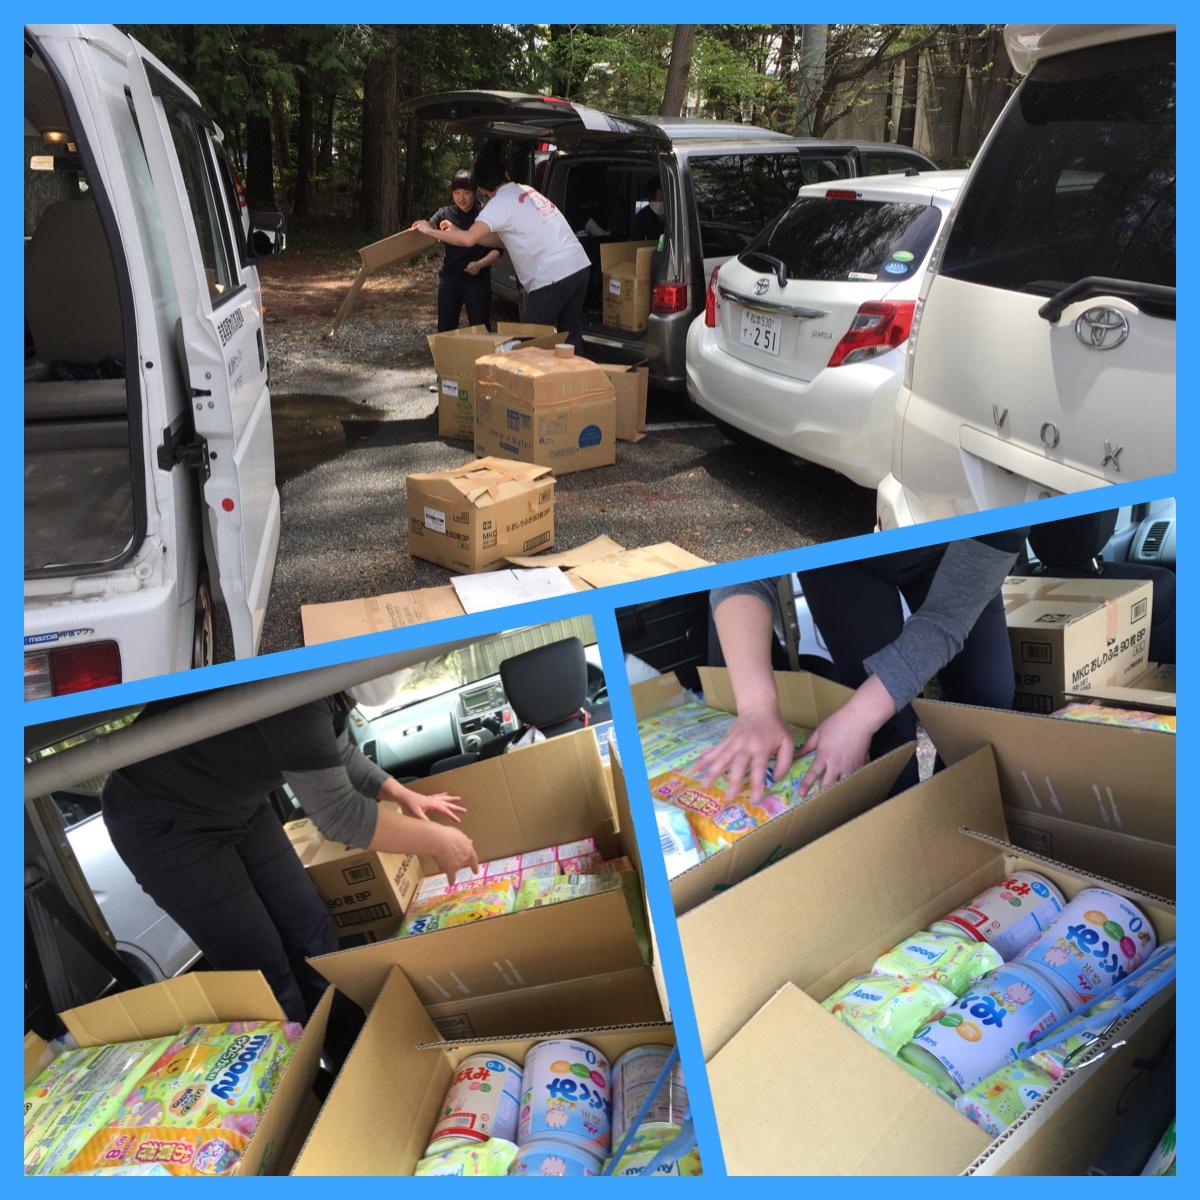 熊本地震 復興支援 支援物資 助け合い できることは何